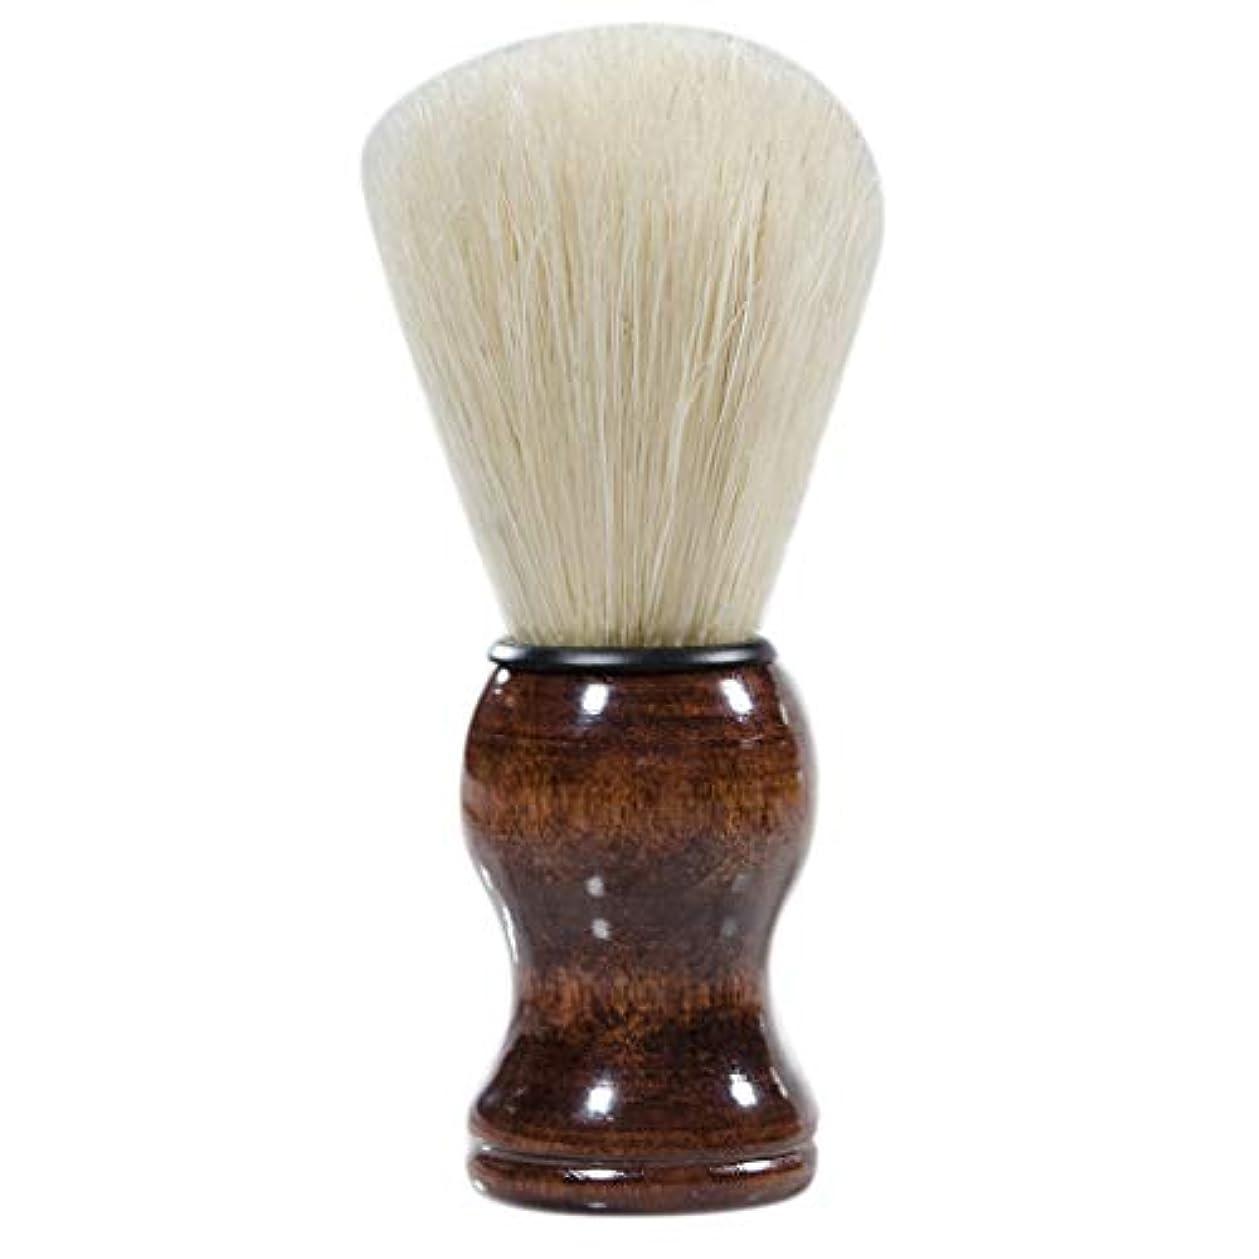 矩形細心の電圧sharprepublic シェービングブラシ 毛髭ブラシ 髭剃りブラシ ひげブラシ 理容ブラシ ひげ剃り 美容ツール